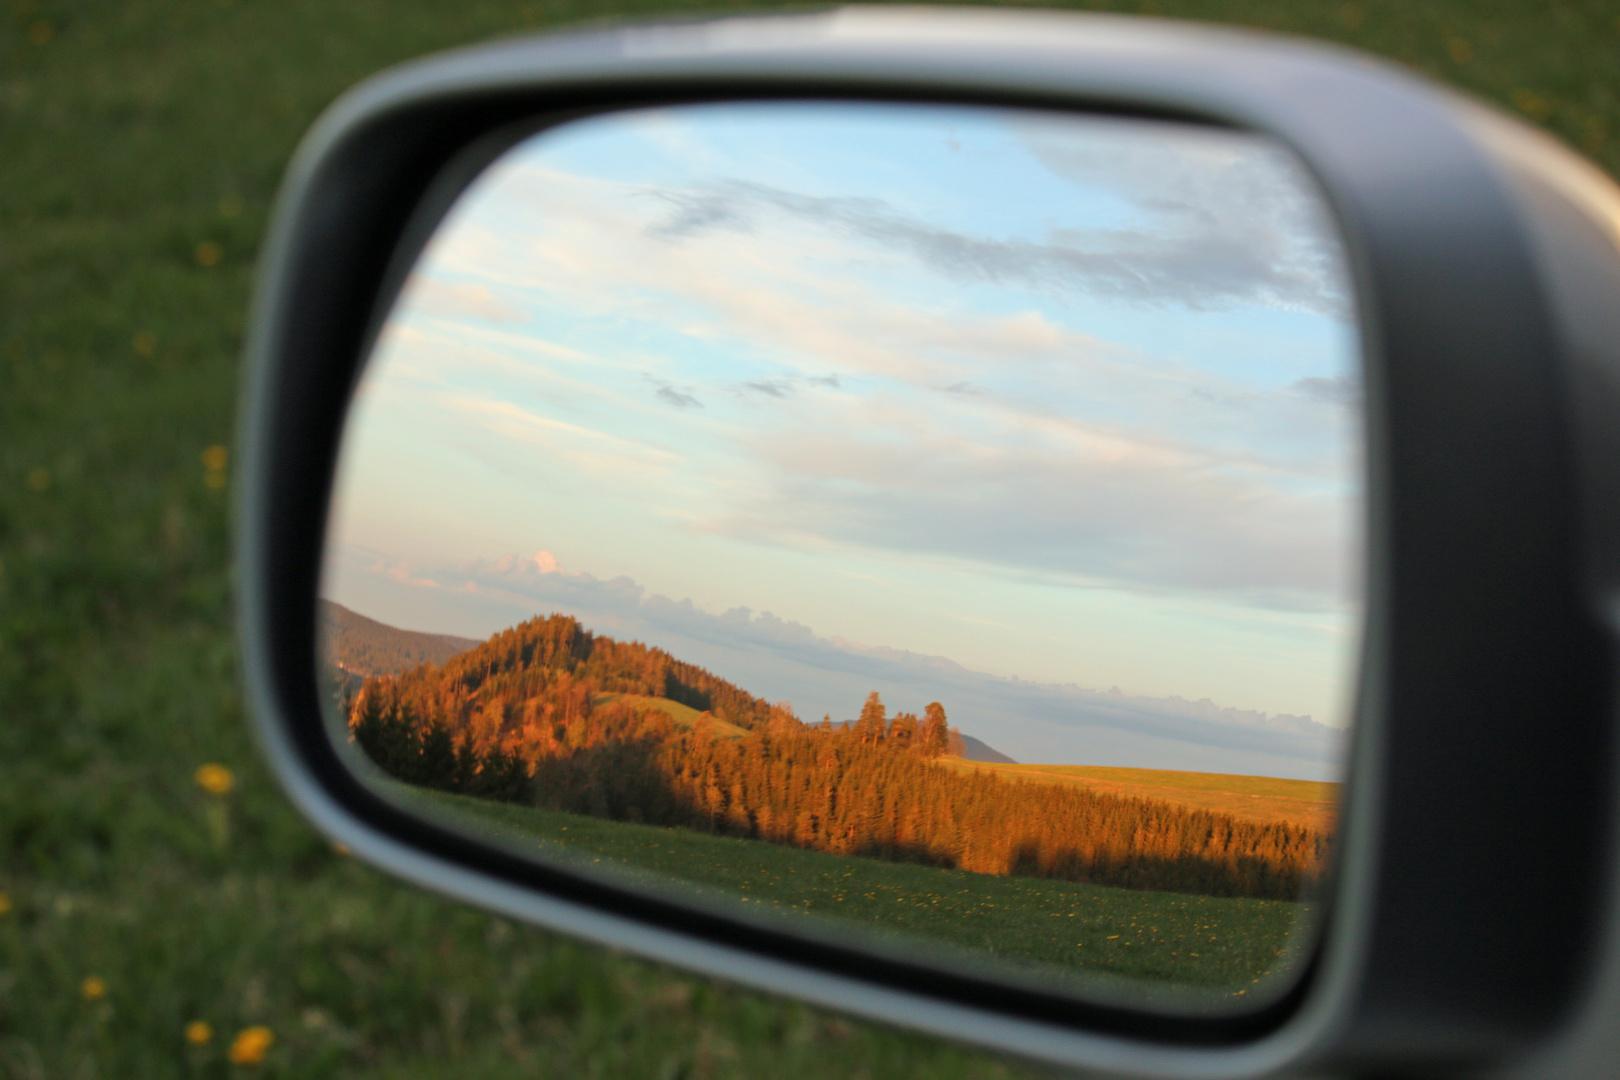 Landschaft im Spiegel